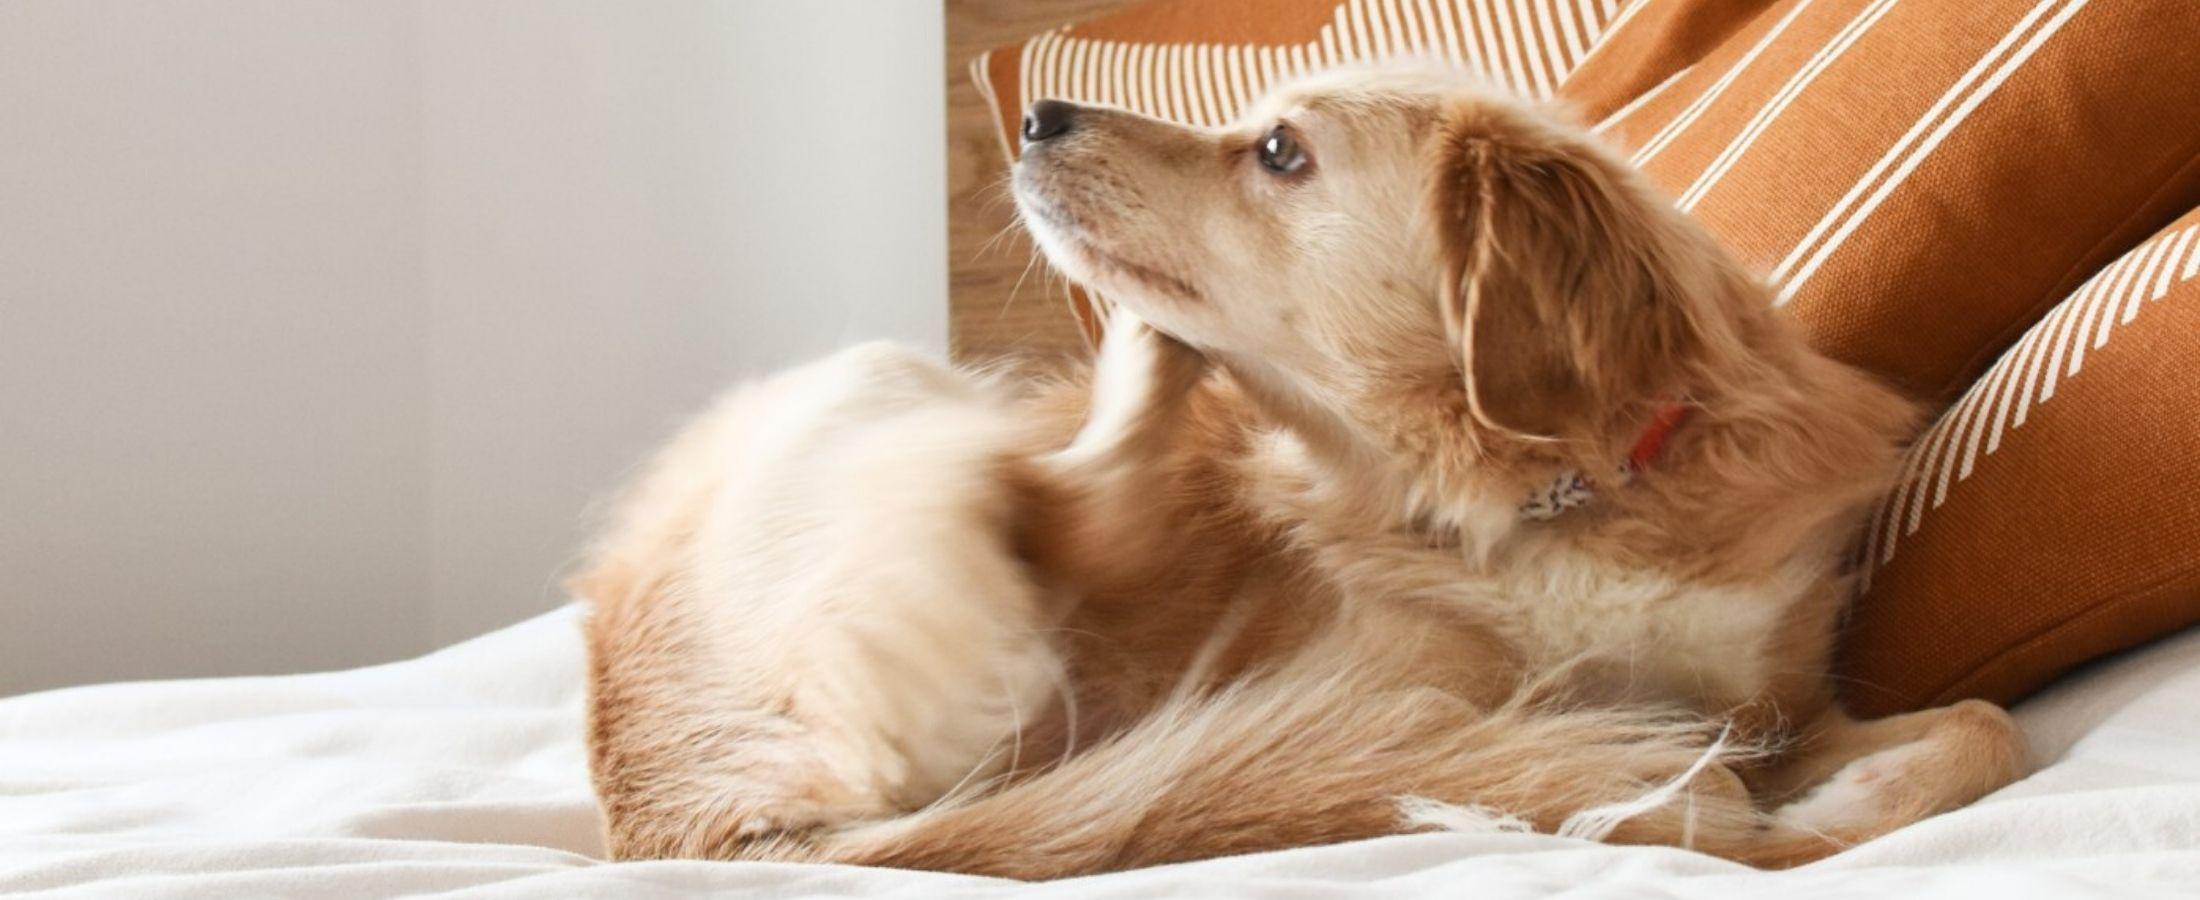 Comment éviter les puces à mon chien ?